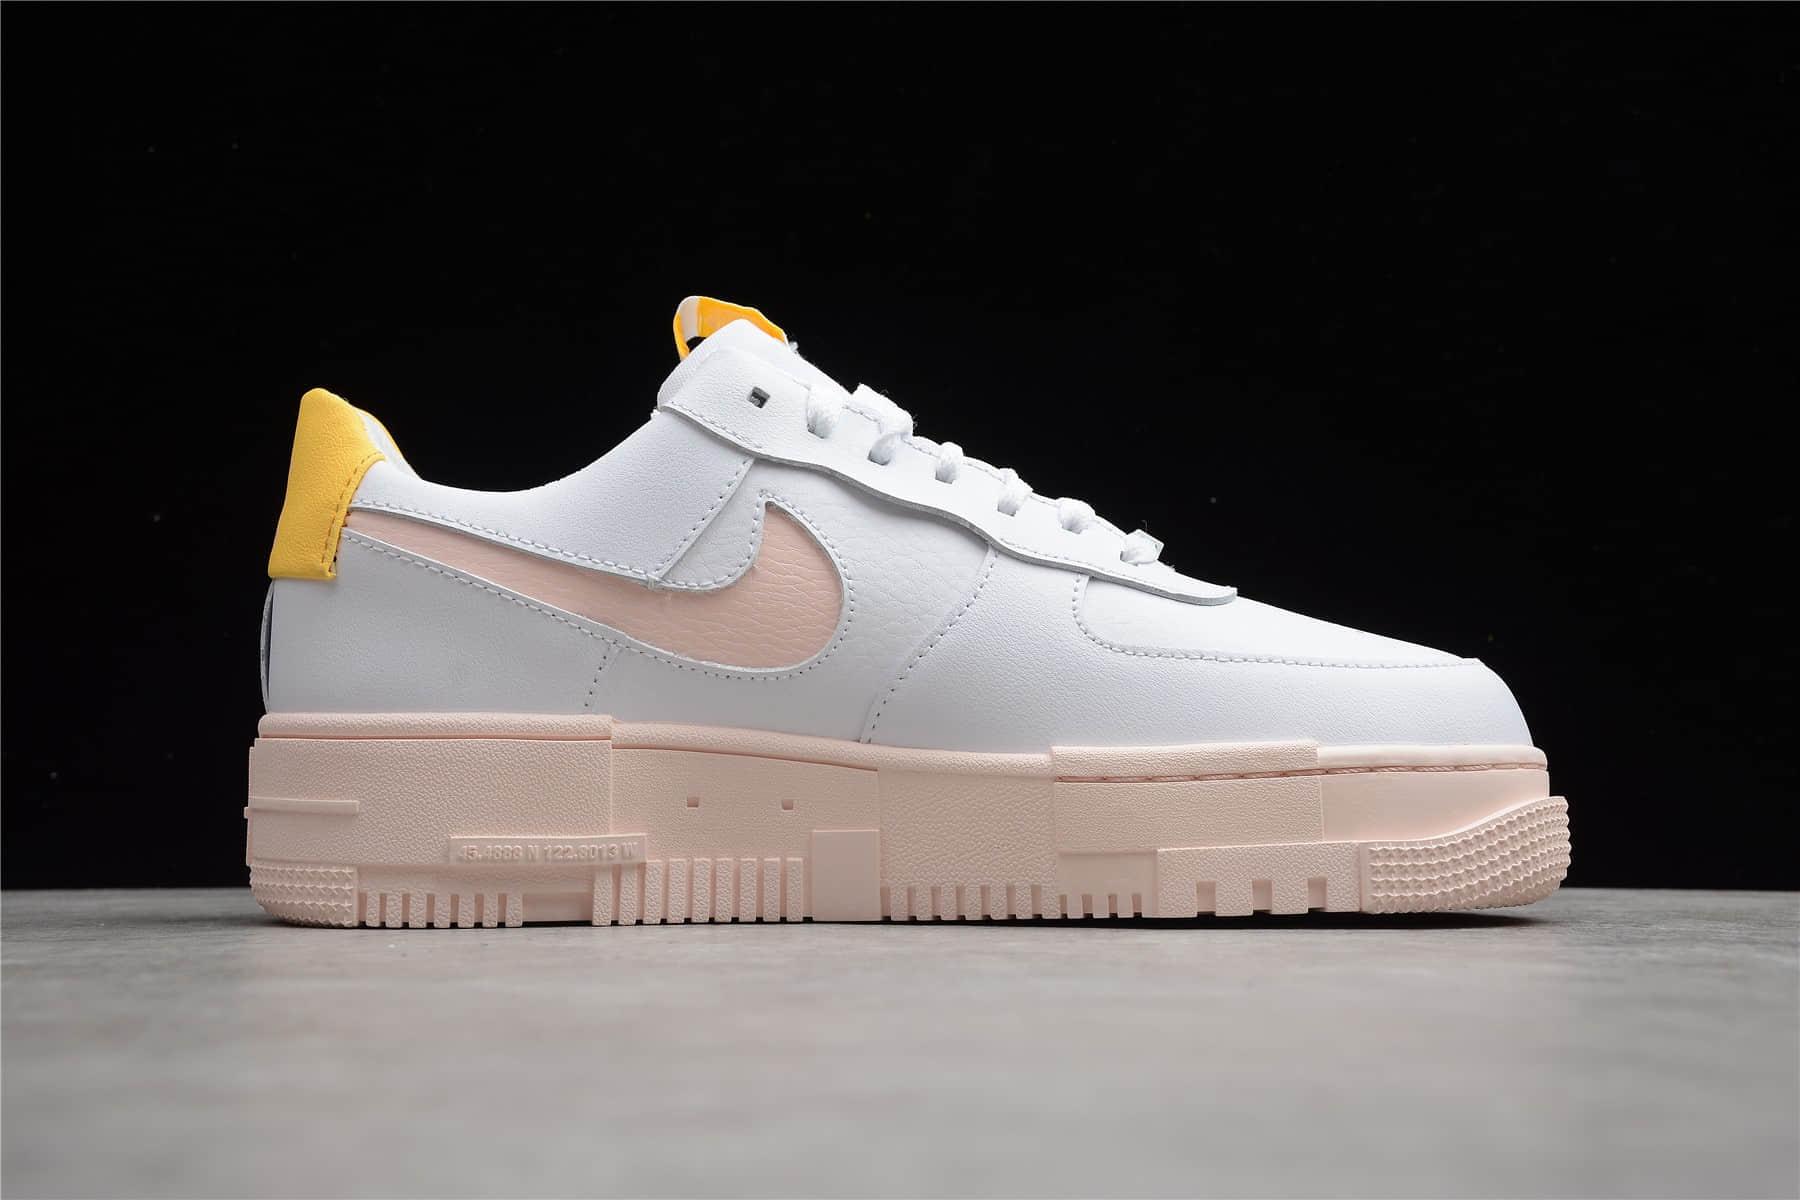 耐克空军像素白粉低帮板鞋 Nike Air Force 1 Pixel 耐克空军一号解构鞋 货号:DM3054-100-潮流者之家